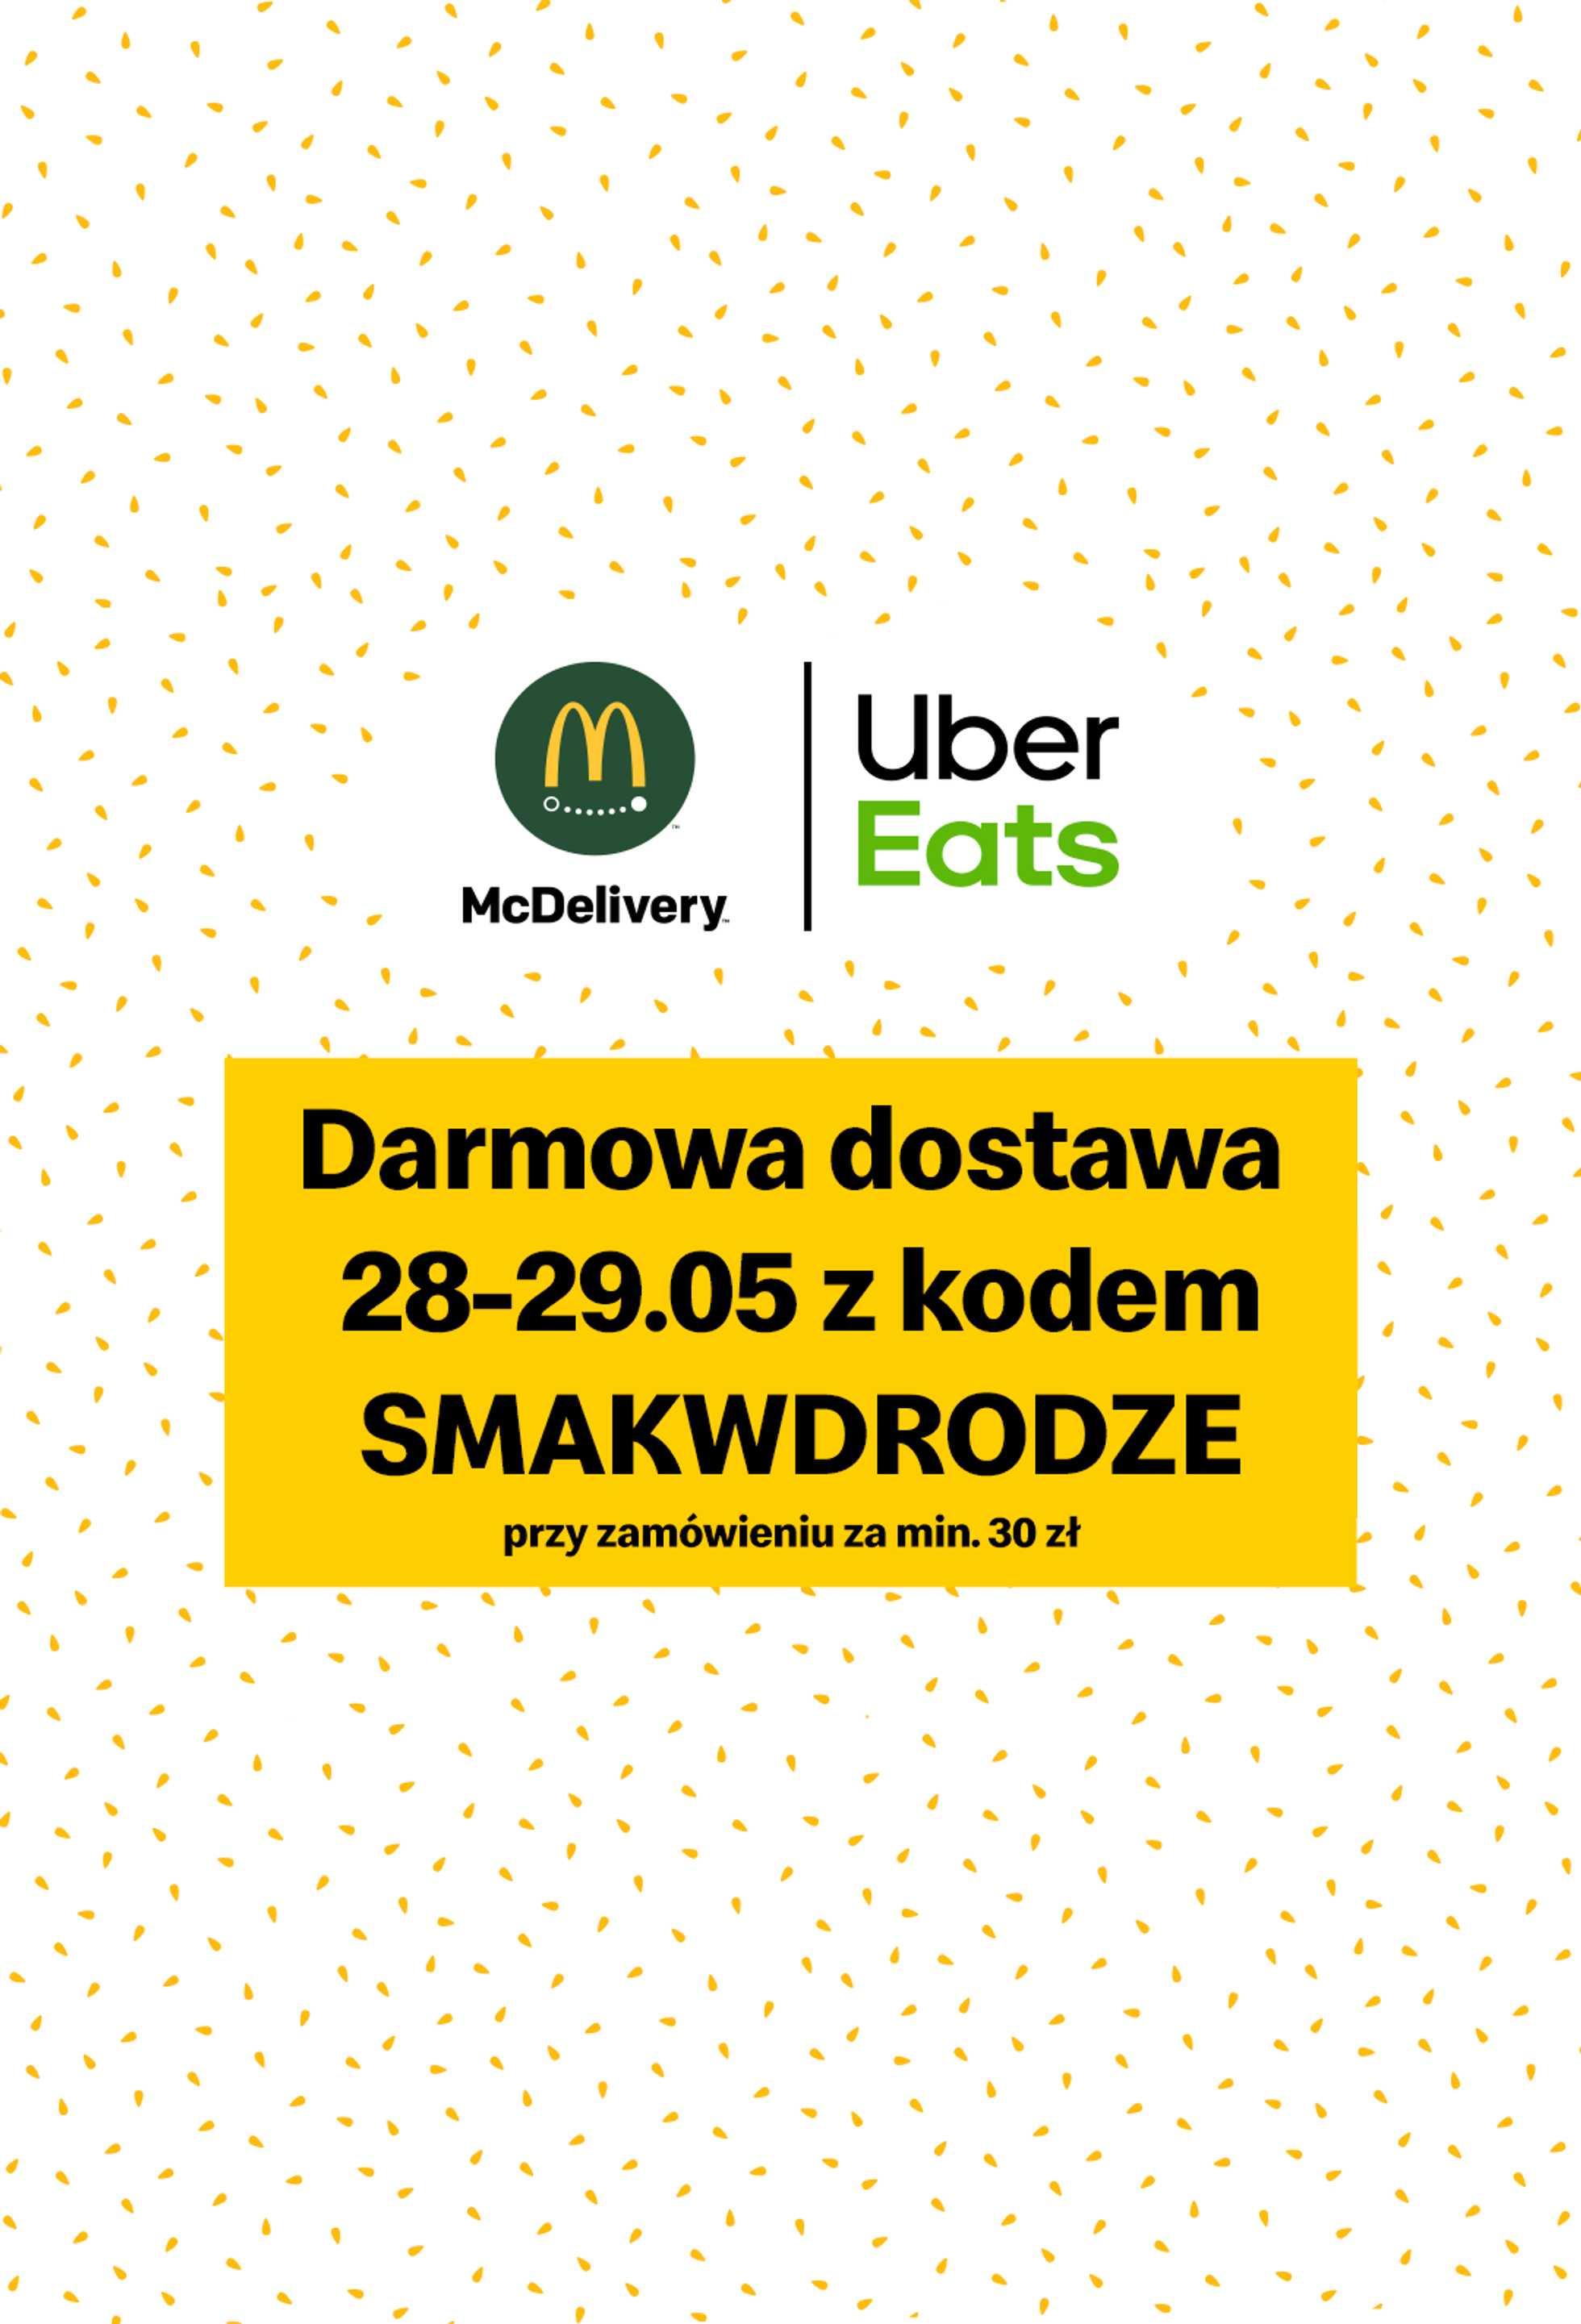 McDonald's - gazetka promocyjna ważna od 28.05.2020 do 29.05.2020 - strona 1.